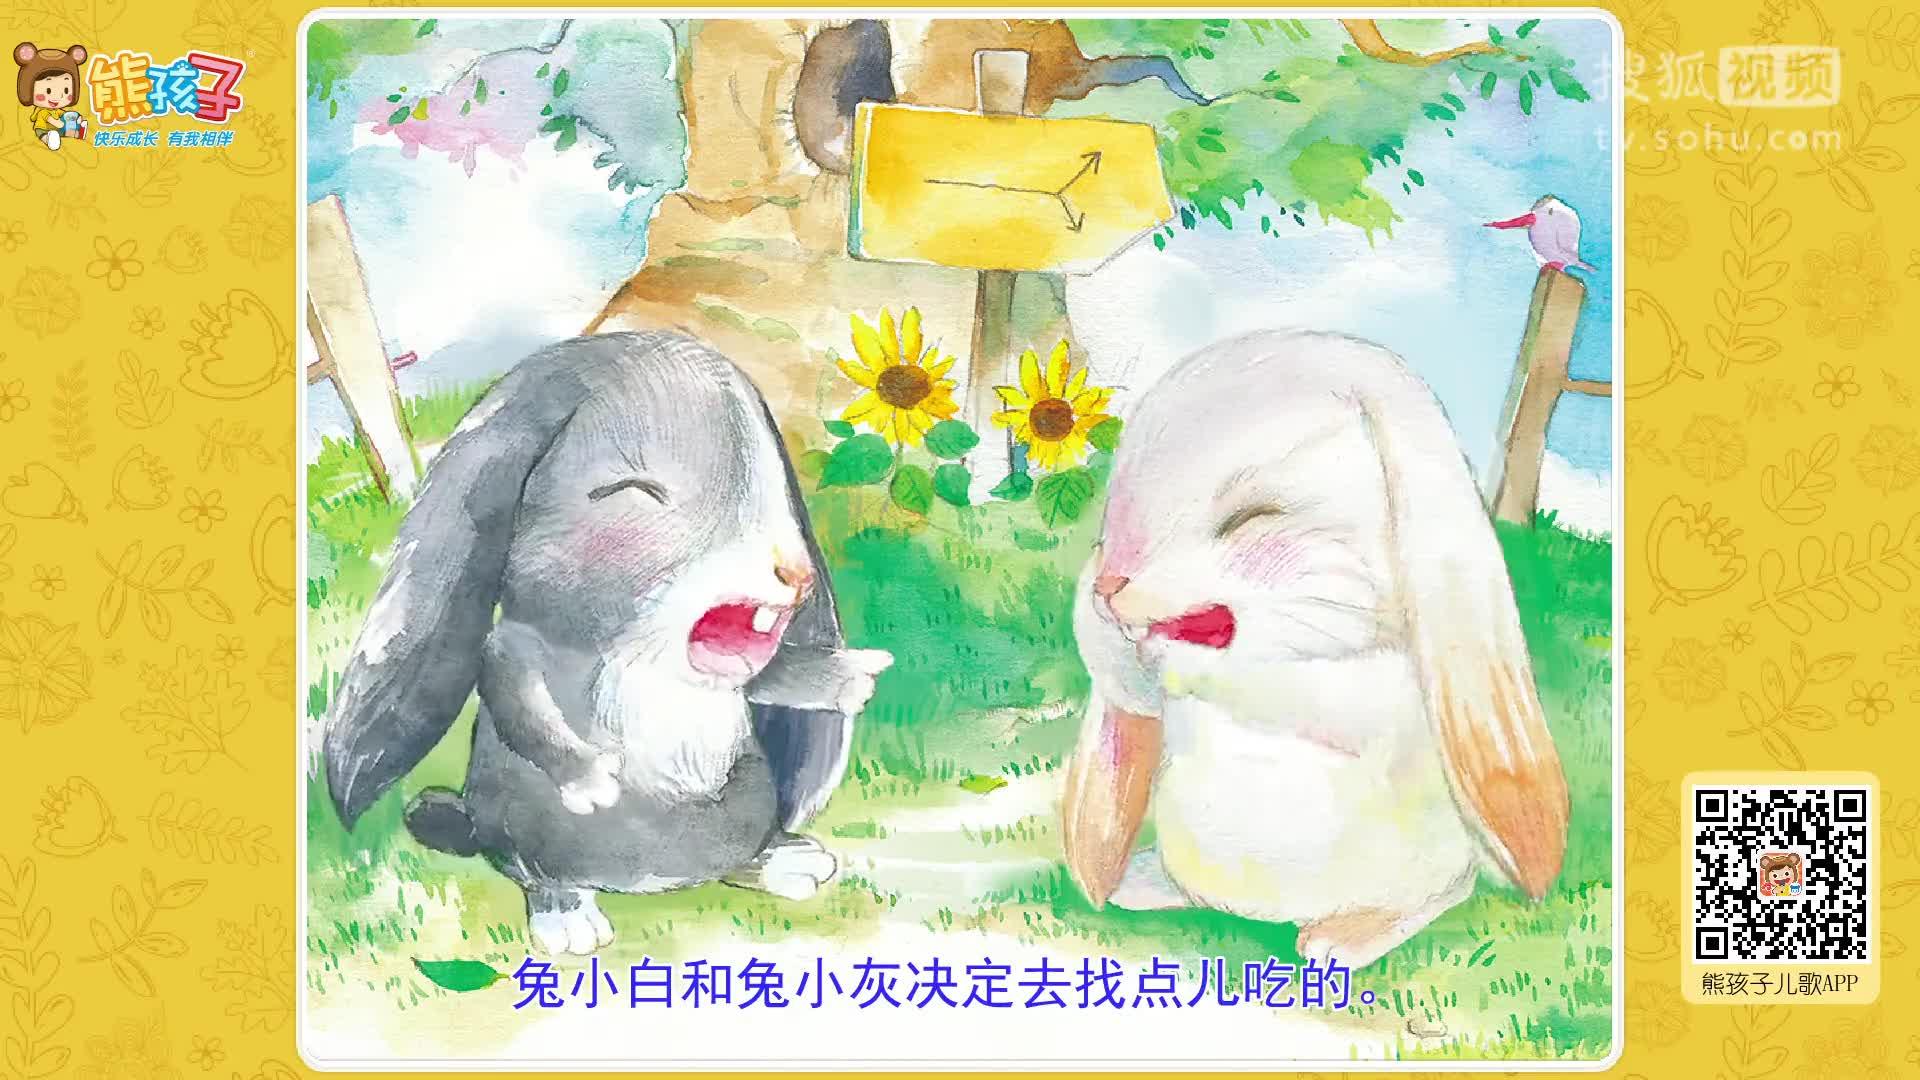 《兔小白和兔小灰》-熊孩子绘本故事